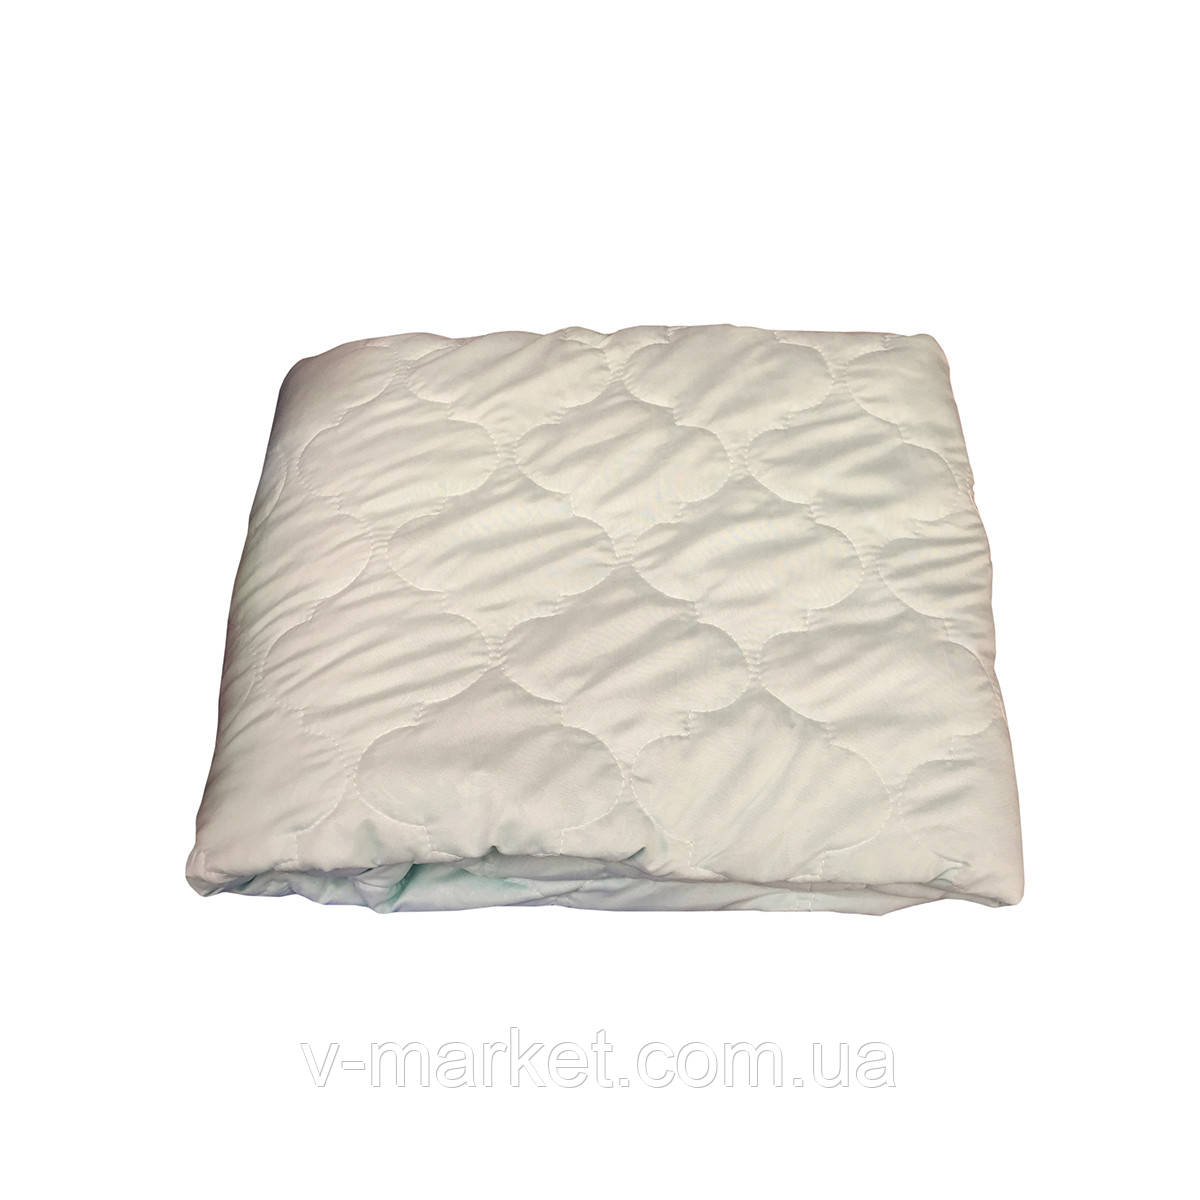 Летнее одеяло покрывало евро размер однотонное Бамбук, 195/205, ткань микрофибра